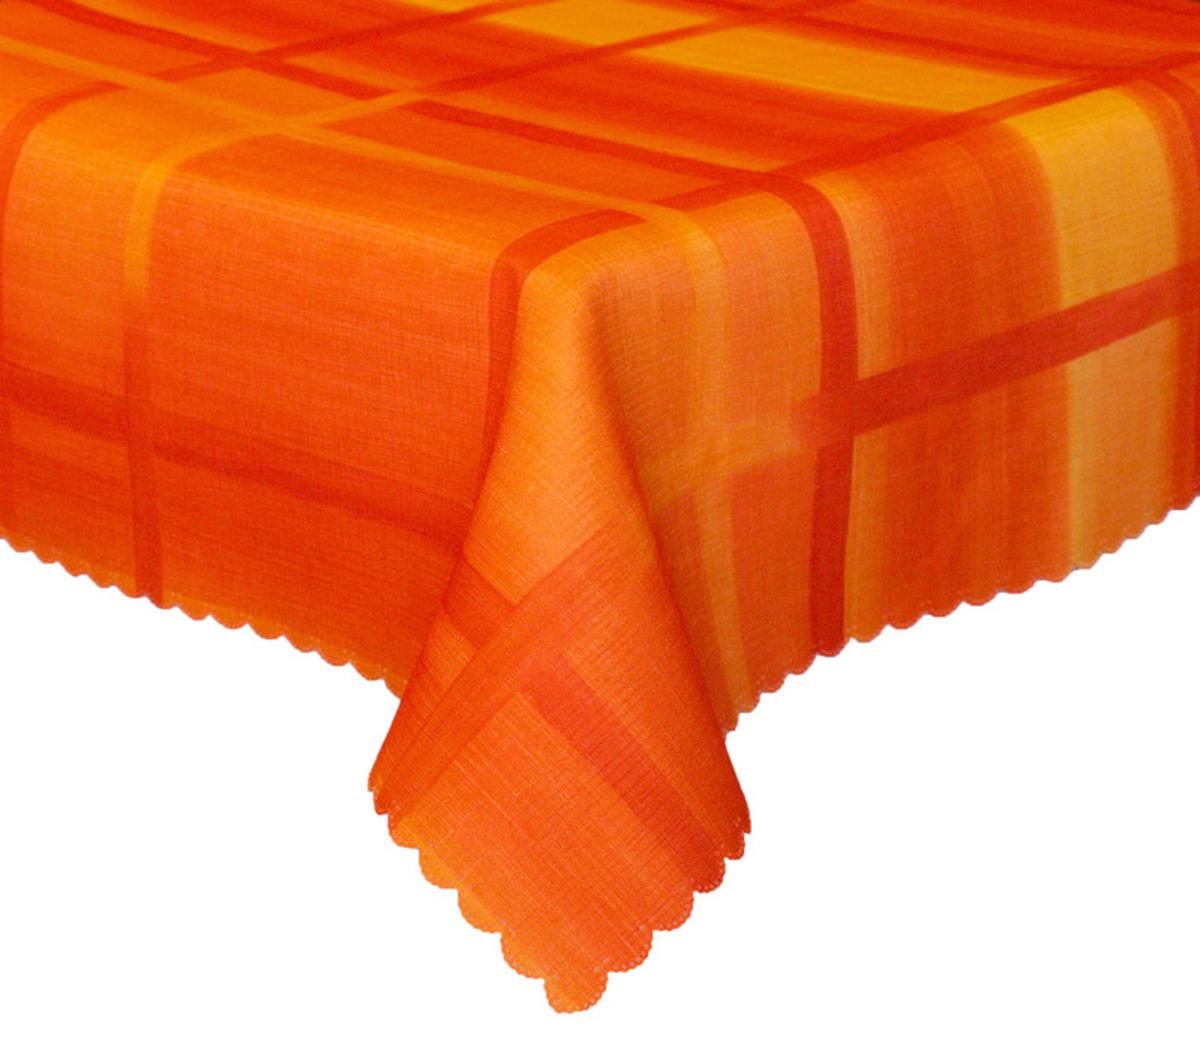 Forbyt, Ubrus s nešpinivou úpravou Mřížka, oranžový 50 x 100 cm